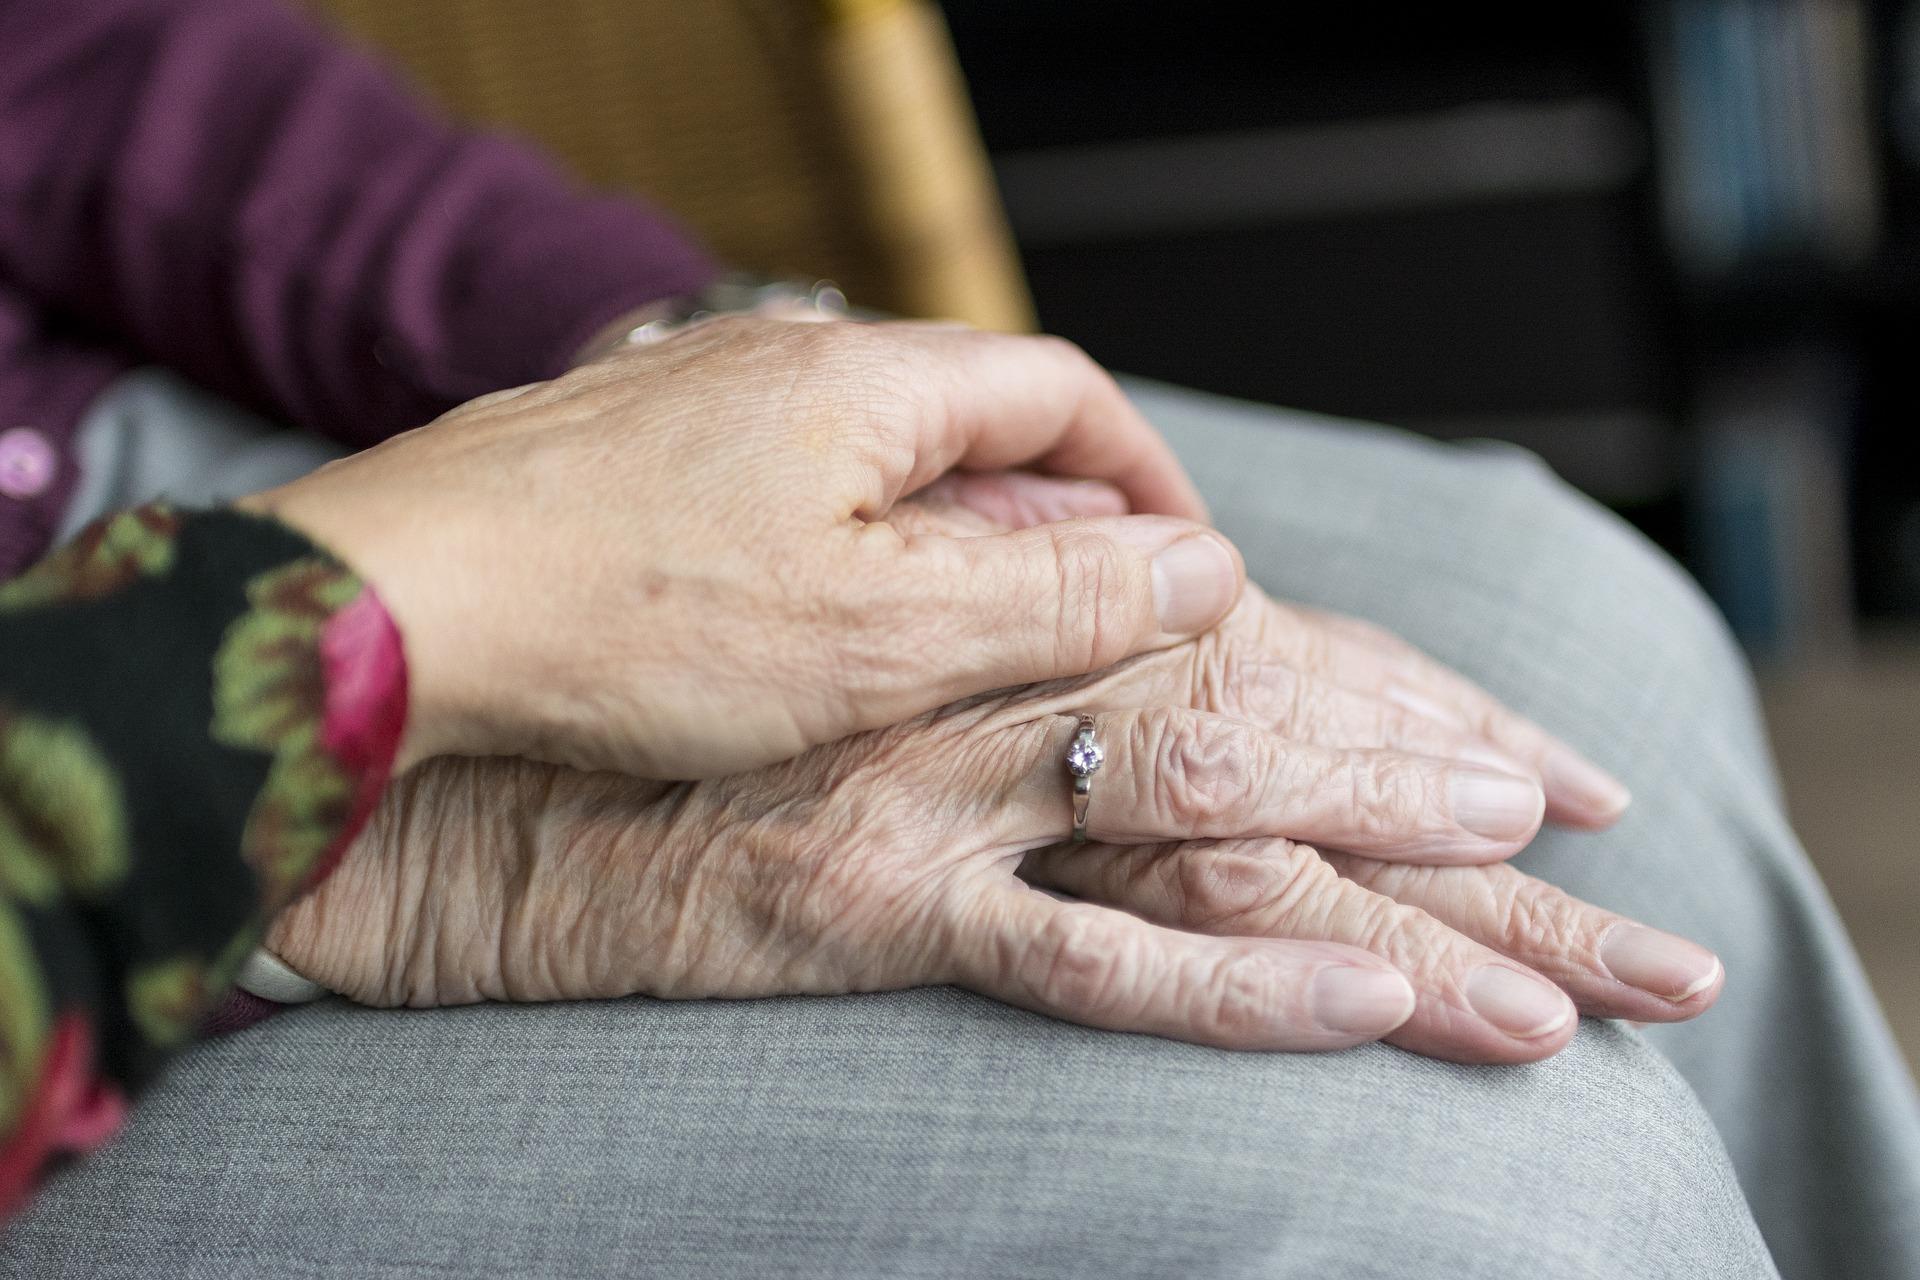 Sich haltende Hände eines älteren Paars.